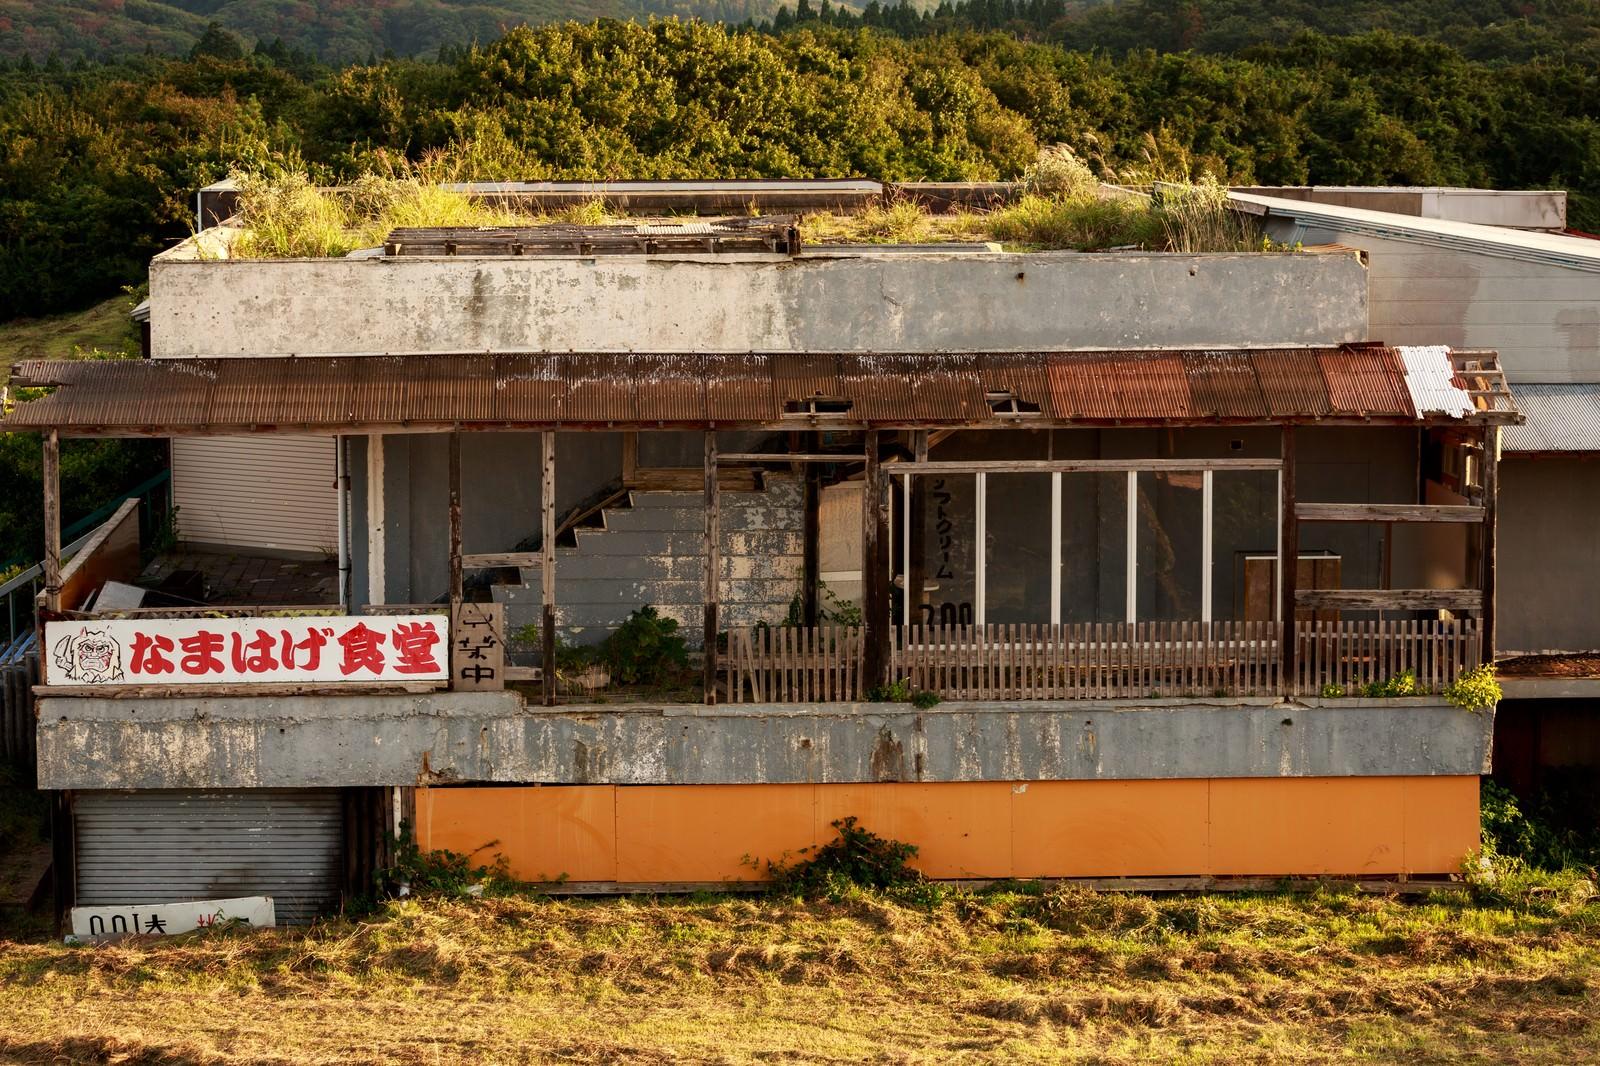 「八望台近くにある「なまはげ食堂」(廃墟)八望台近くにある「なまはげ食堂」(廃墟)」のフリー写真素材を拡大